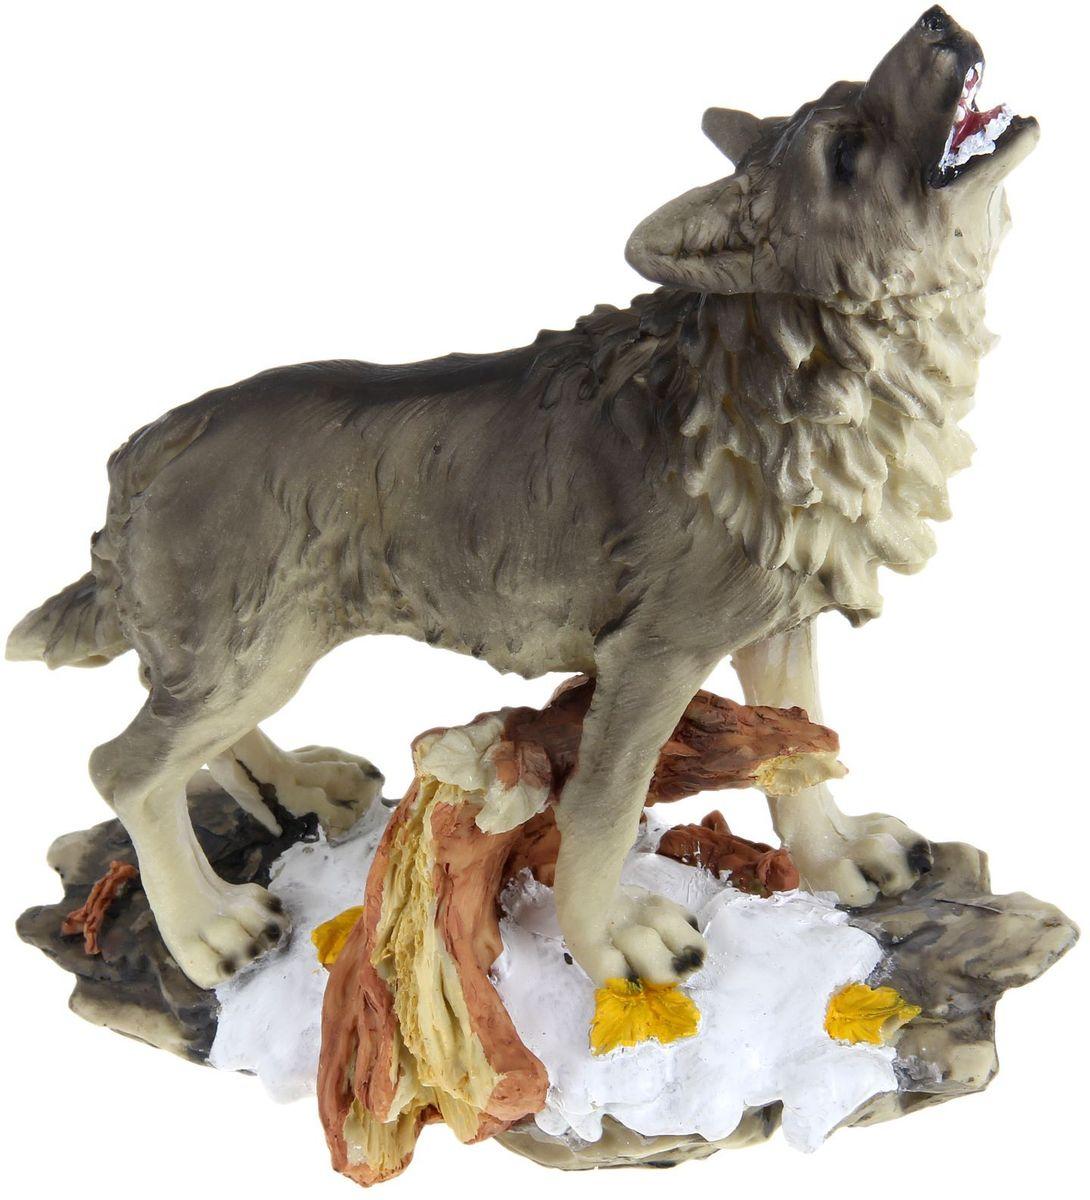 Фигура садовая Воющий волк, 24 х 11 х 28 см1195202Сад — гордость дачника. Сделайте любимый участок еще наряднее! Украсьте его оригинальной фигуркой из долговечного материала. Она обновит привычный ландшафт и сделает его неповторимым. Фигурку можно использовать не только в качестве декора садового участка, но и в качестве сувенира для дома. Эффектно украсьте прихожую, чтобы приятно удивить гостей, или сделайте уютнее зеленый уголок, дополнив его этой скульптурой.